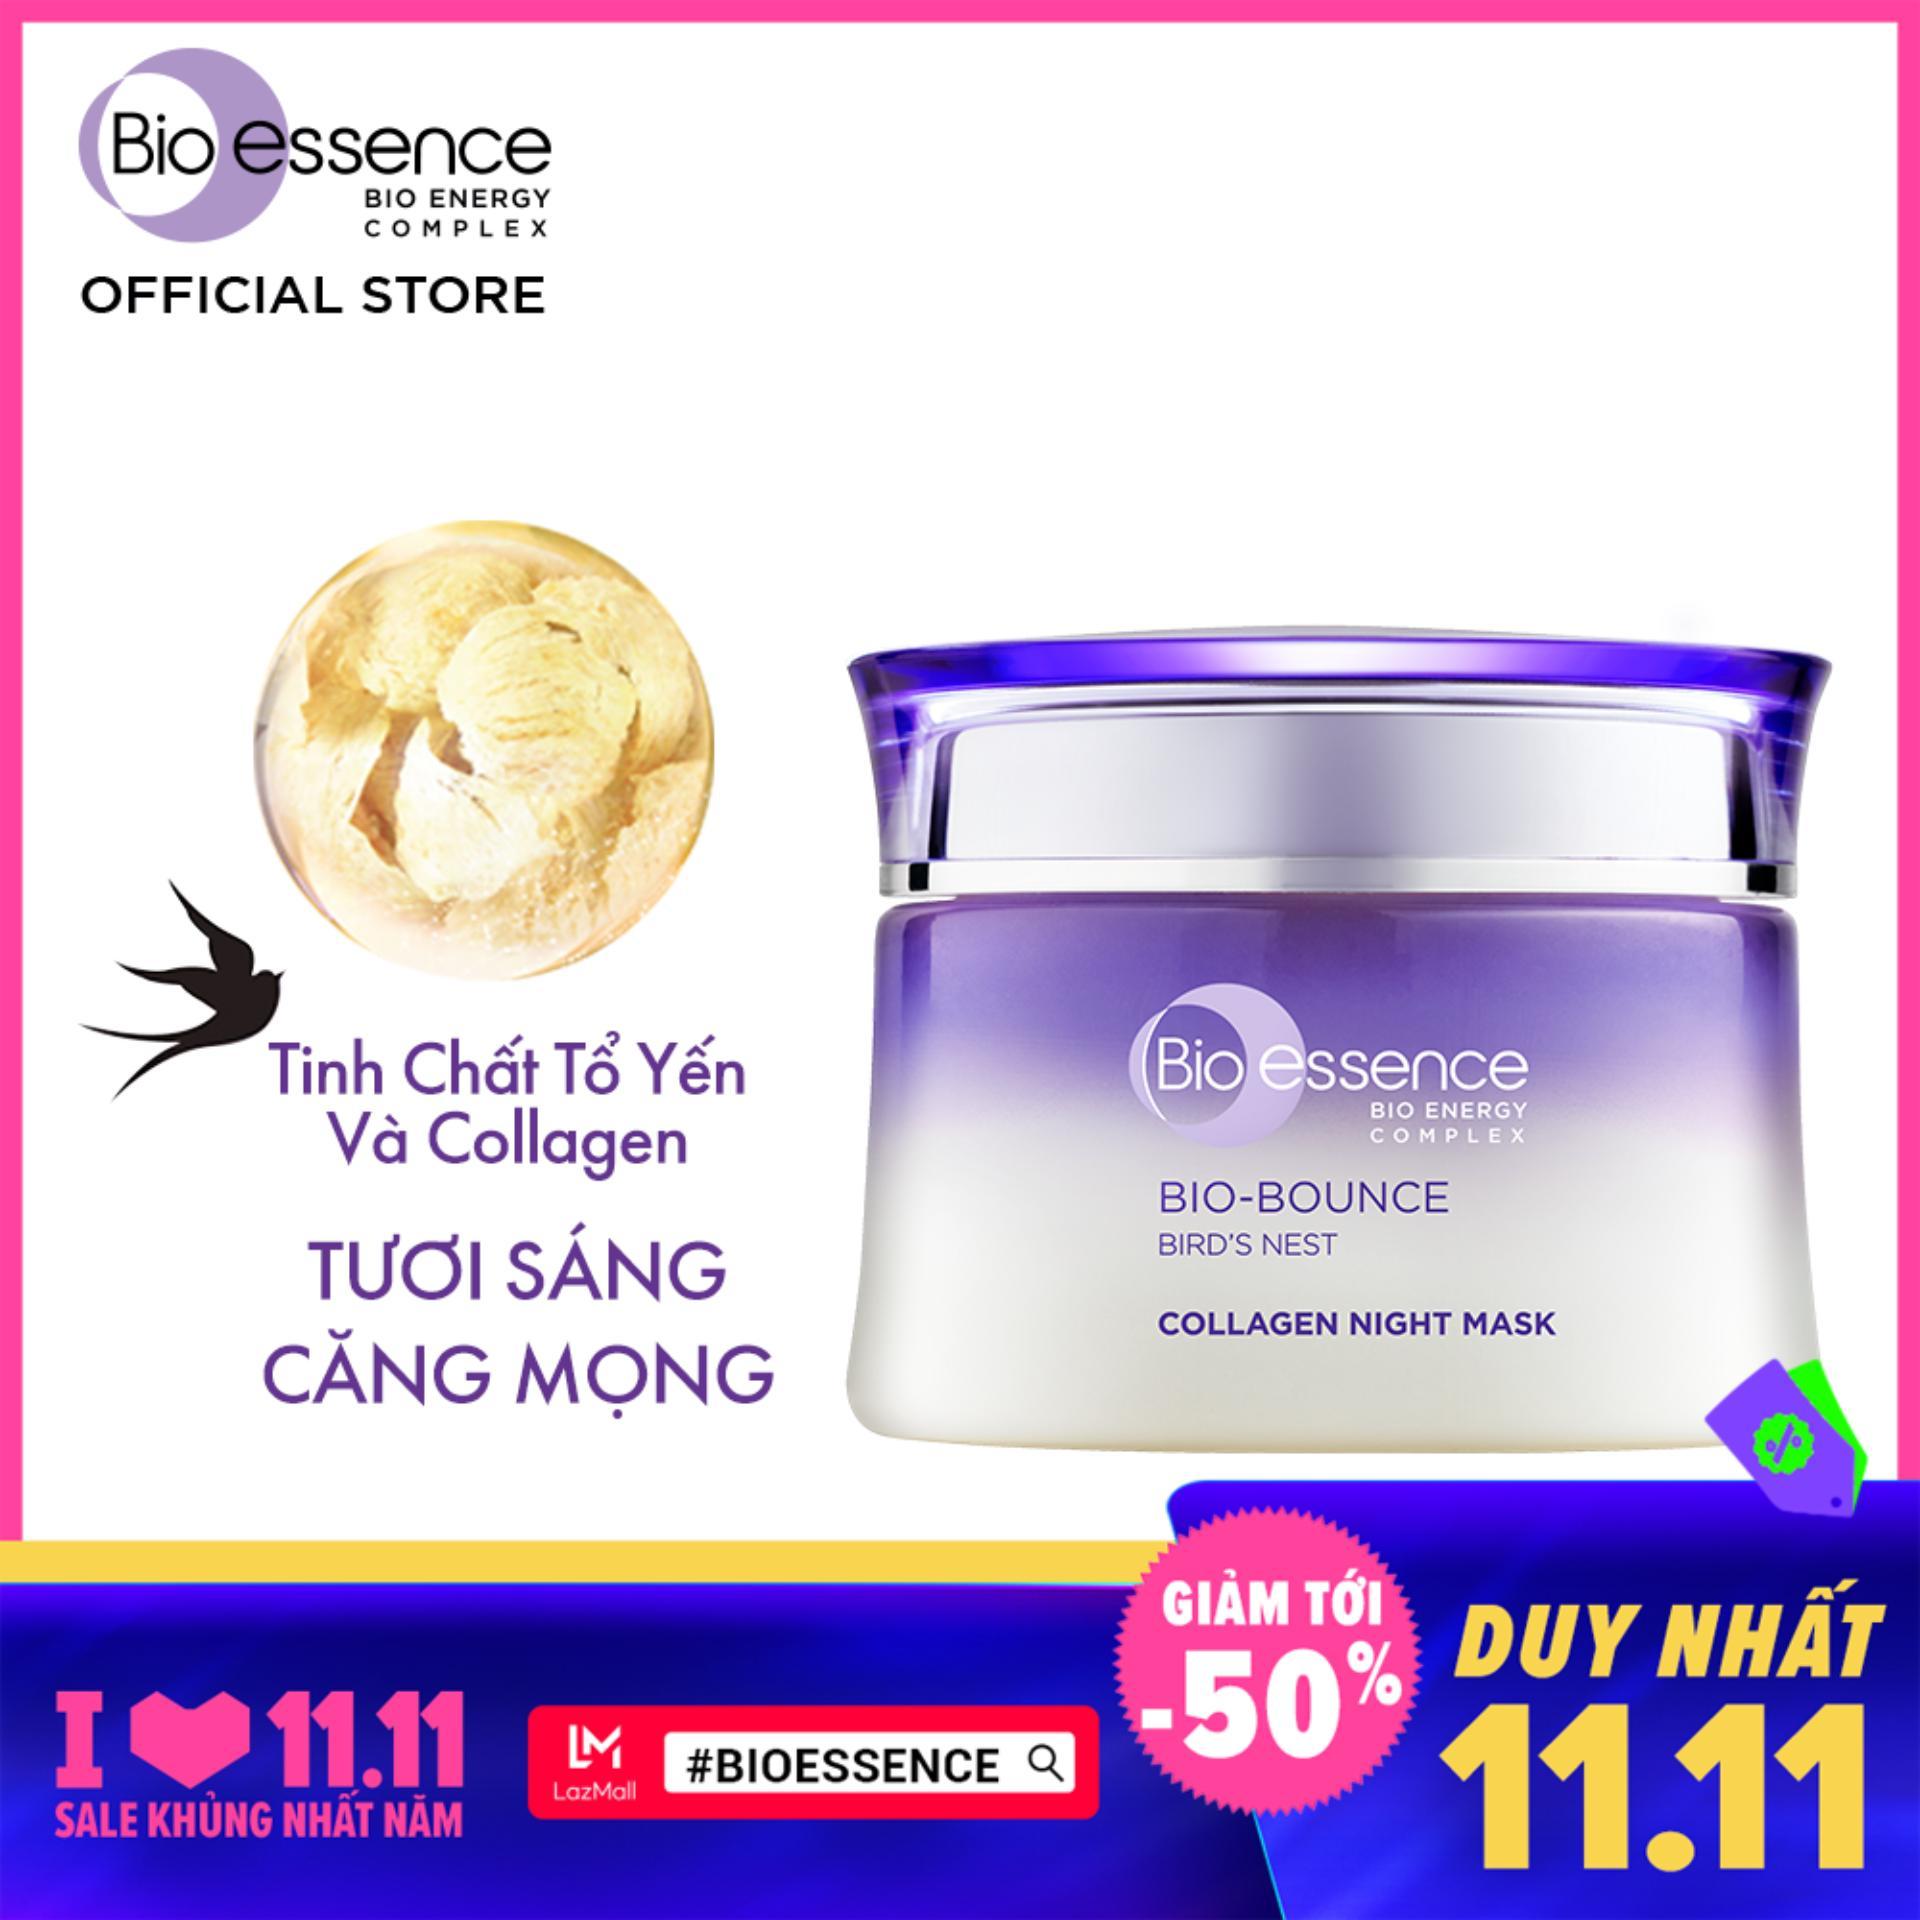 Mặt nạ ngủ dưỡng da Bio-Bounce Collagen Night Mask Bio-essence 50g tốt nhất